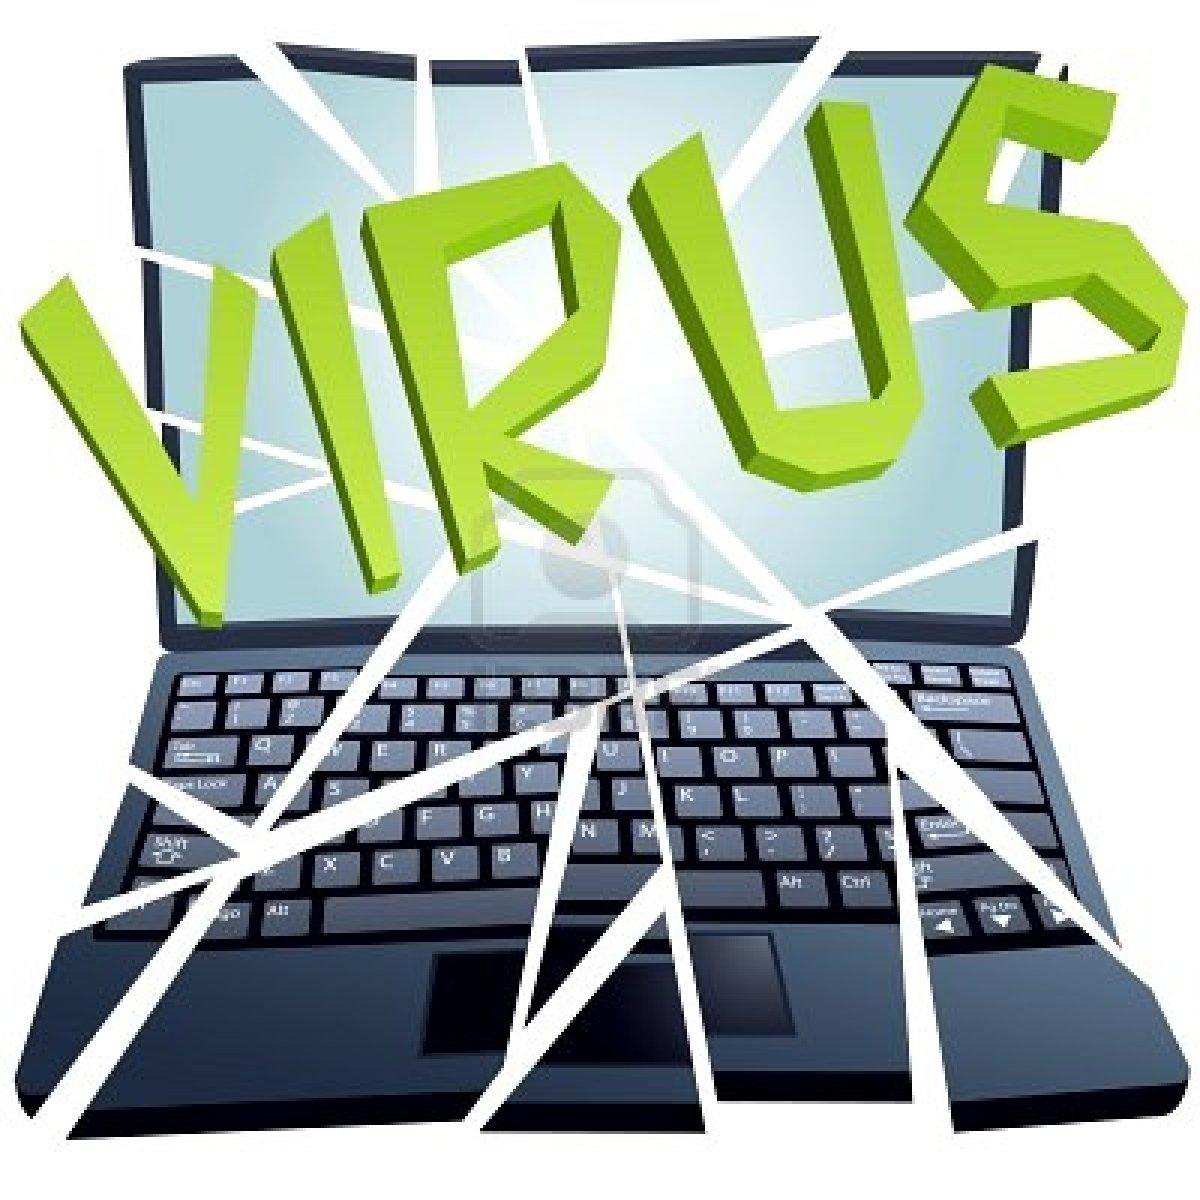 Phần mềm diệt virus một số lưu ý khi sử dụng bạn cần biết